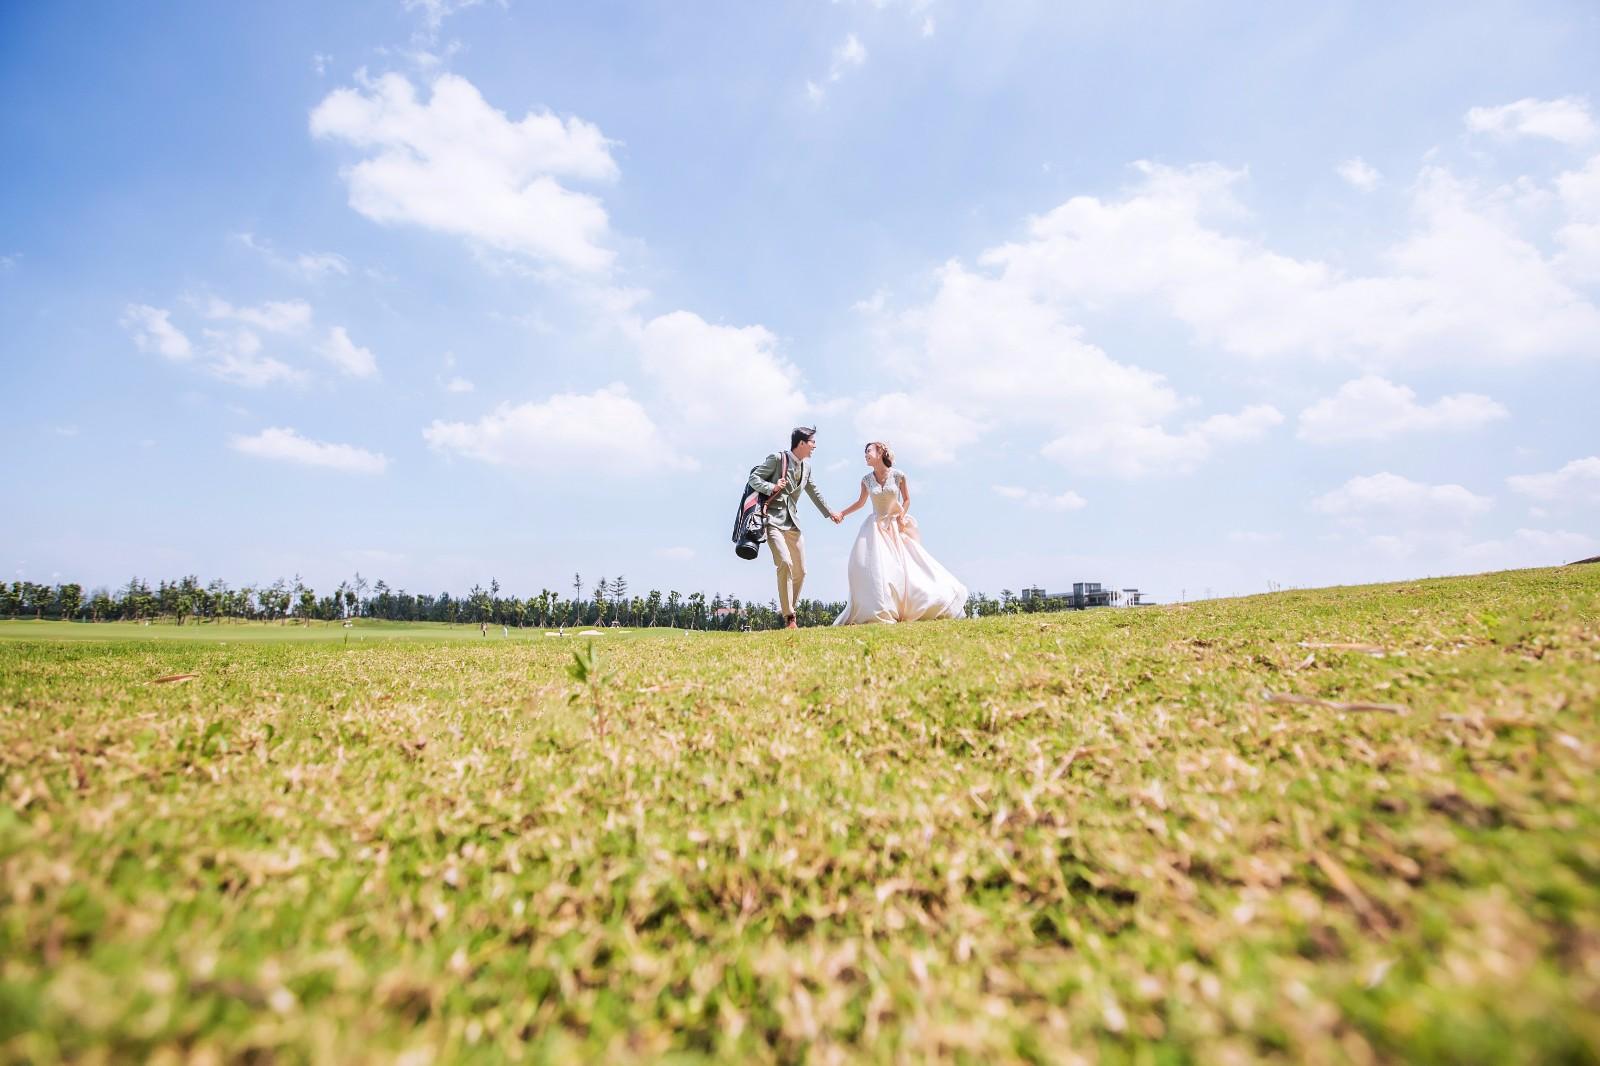 在婚礼上,新郎父亲婚礼致辞怎么写?